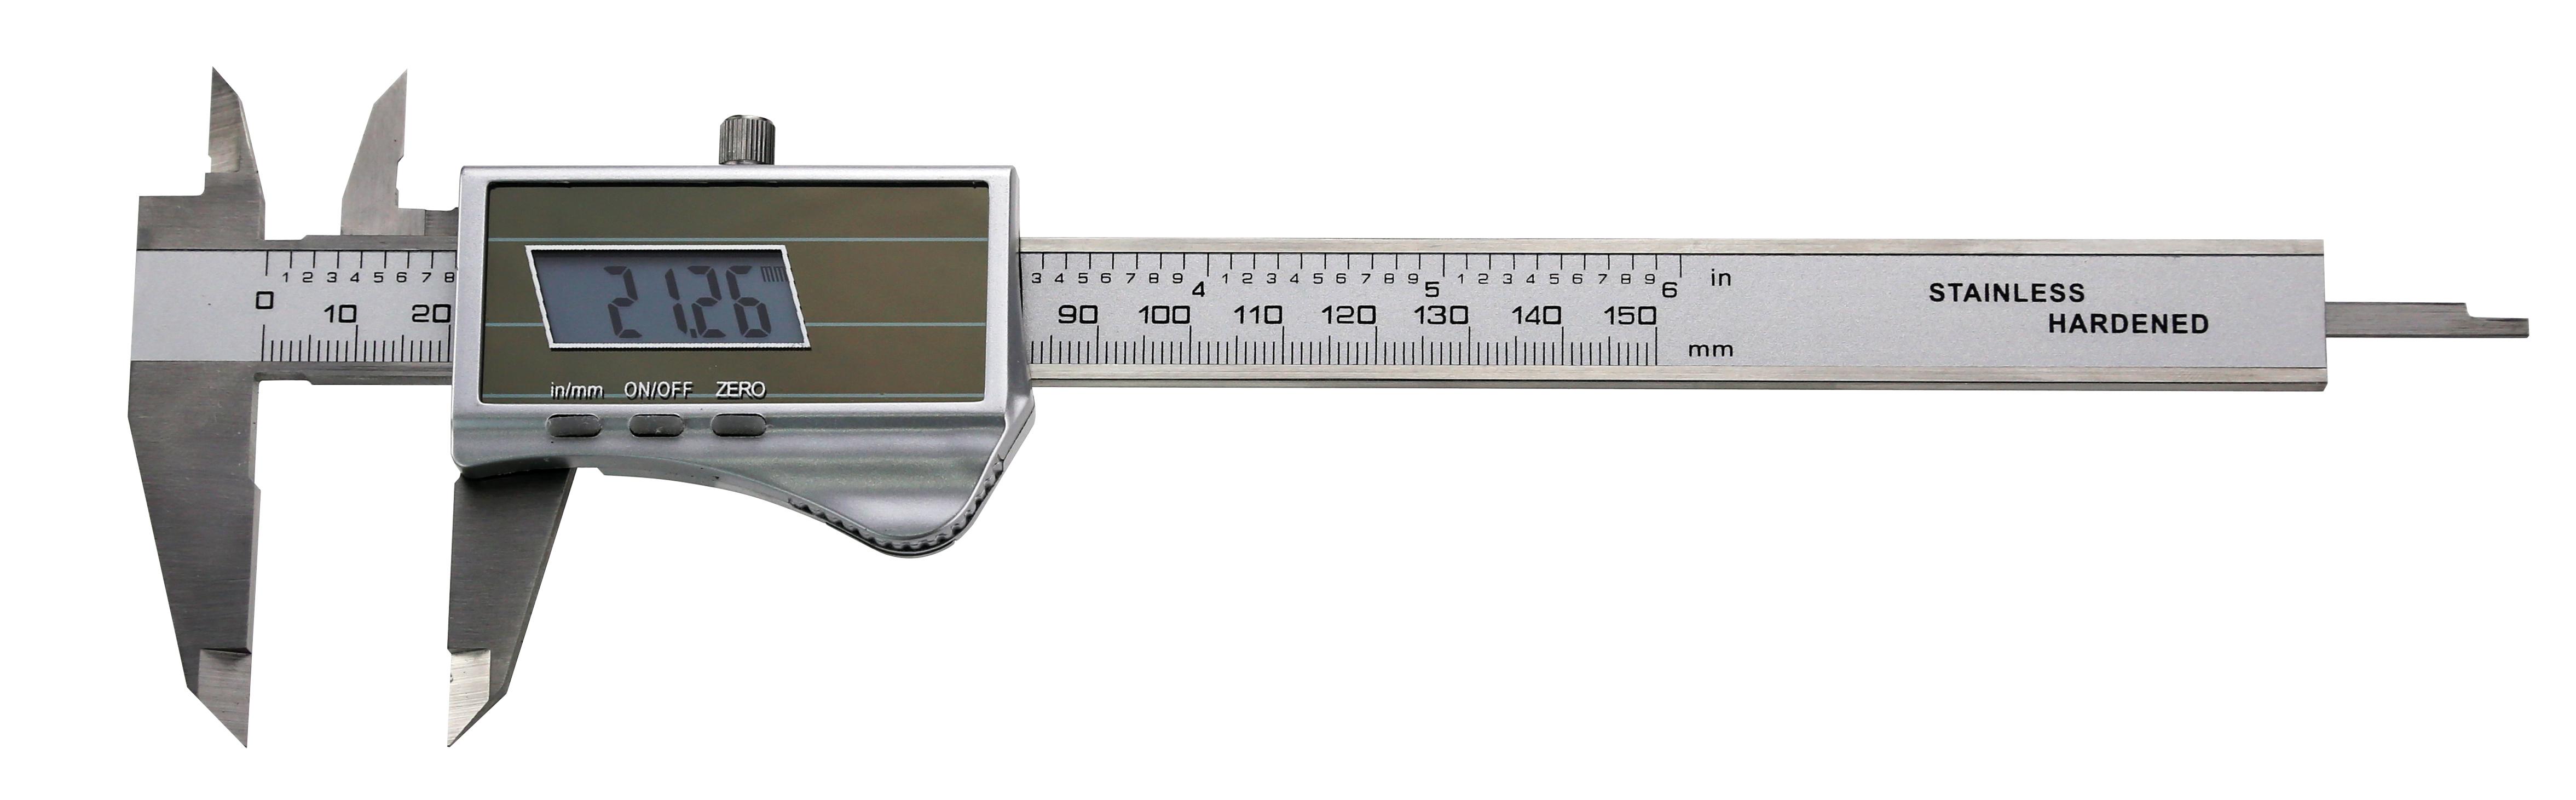 Digital-Taschen-Messschieber - Solarzelle